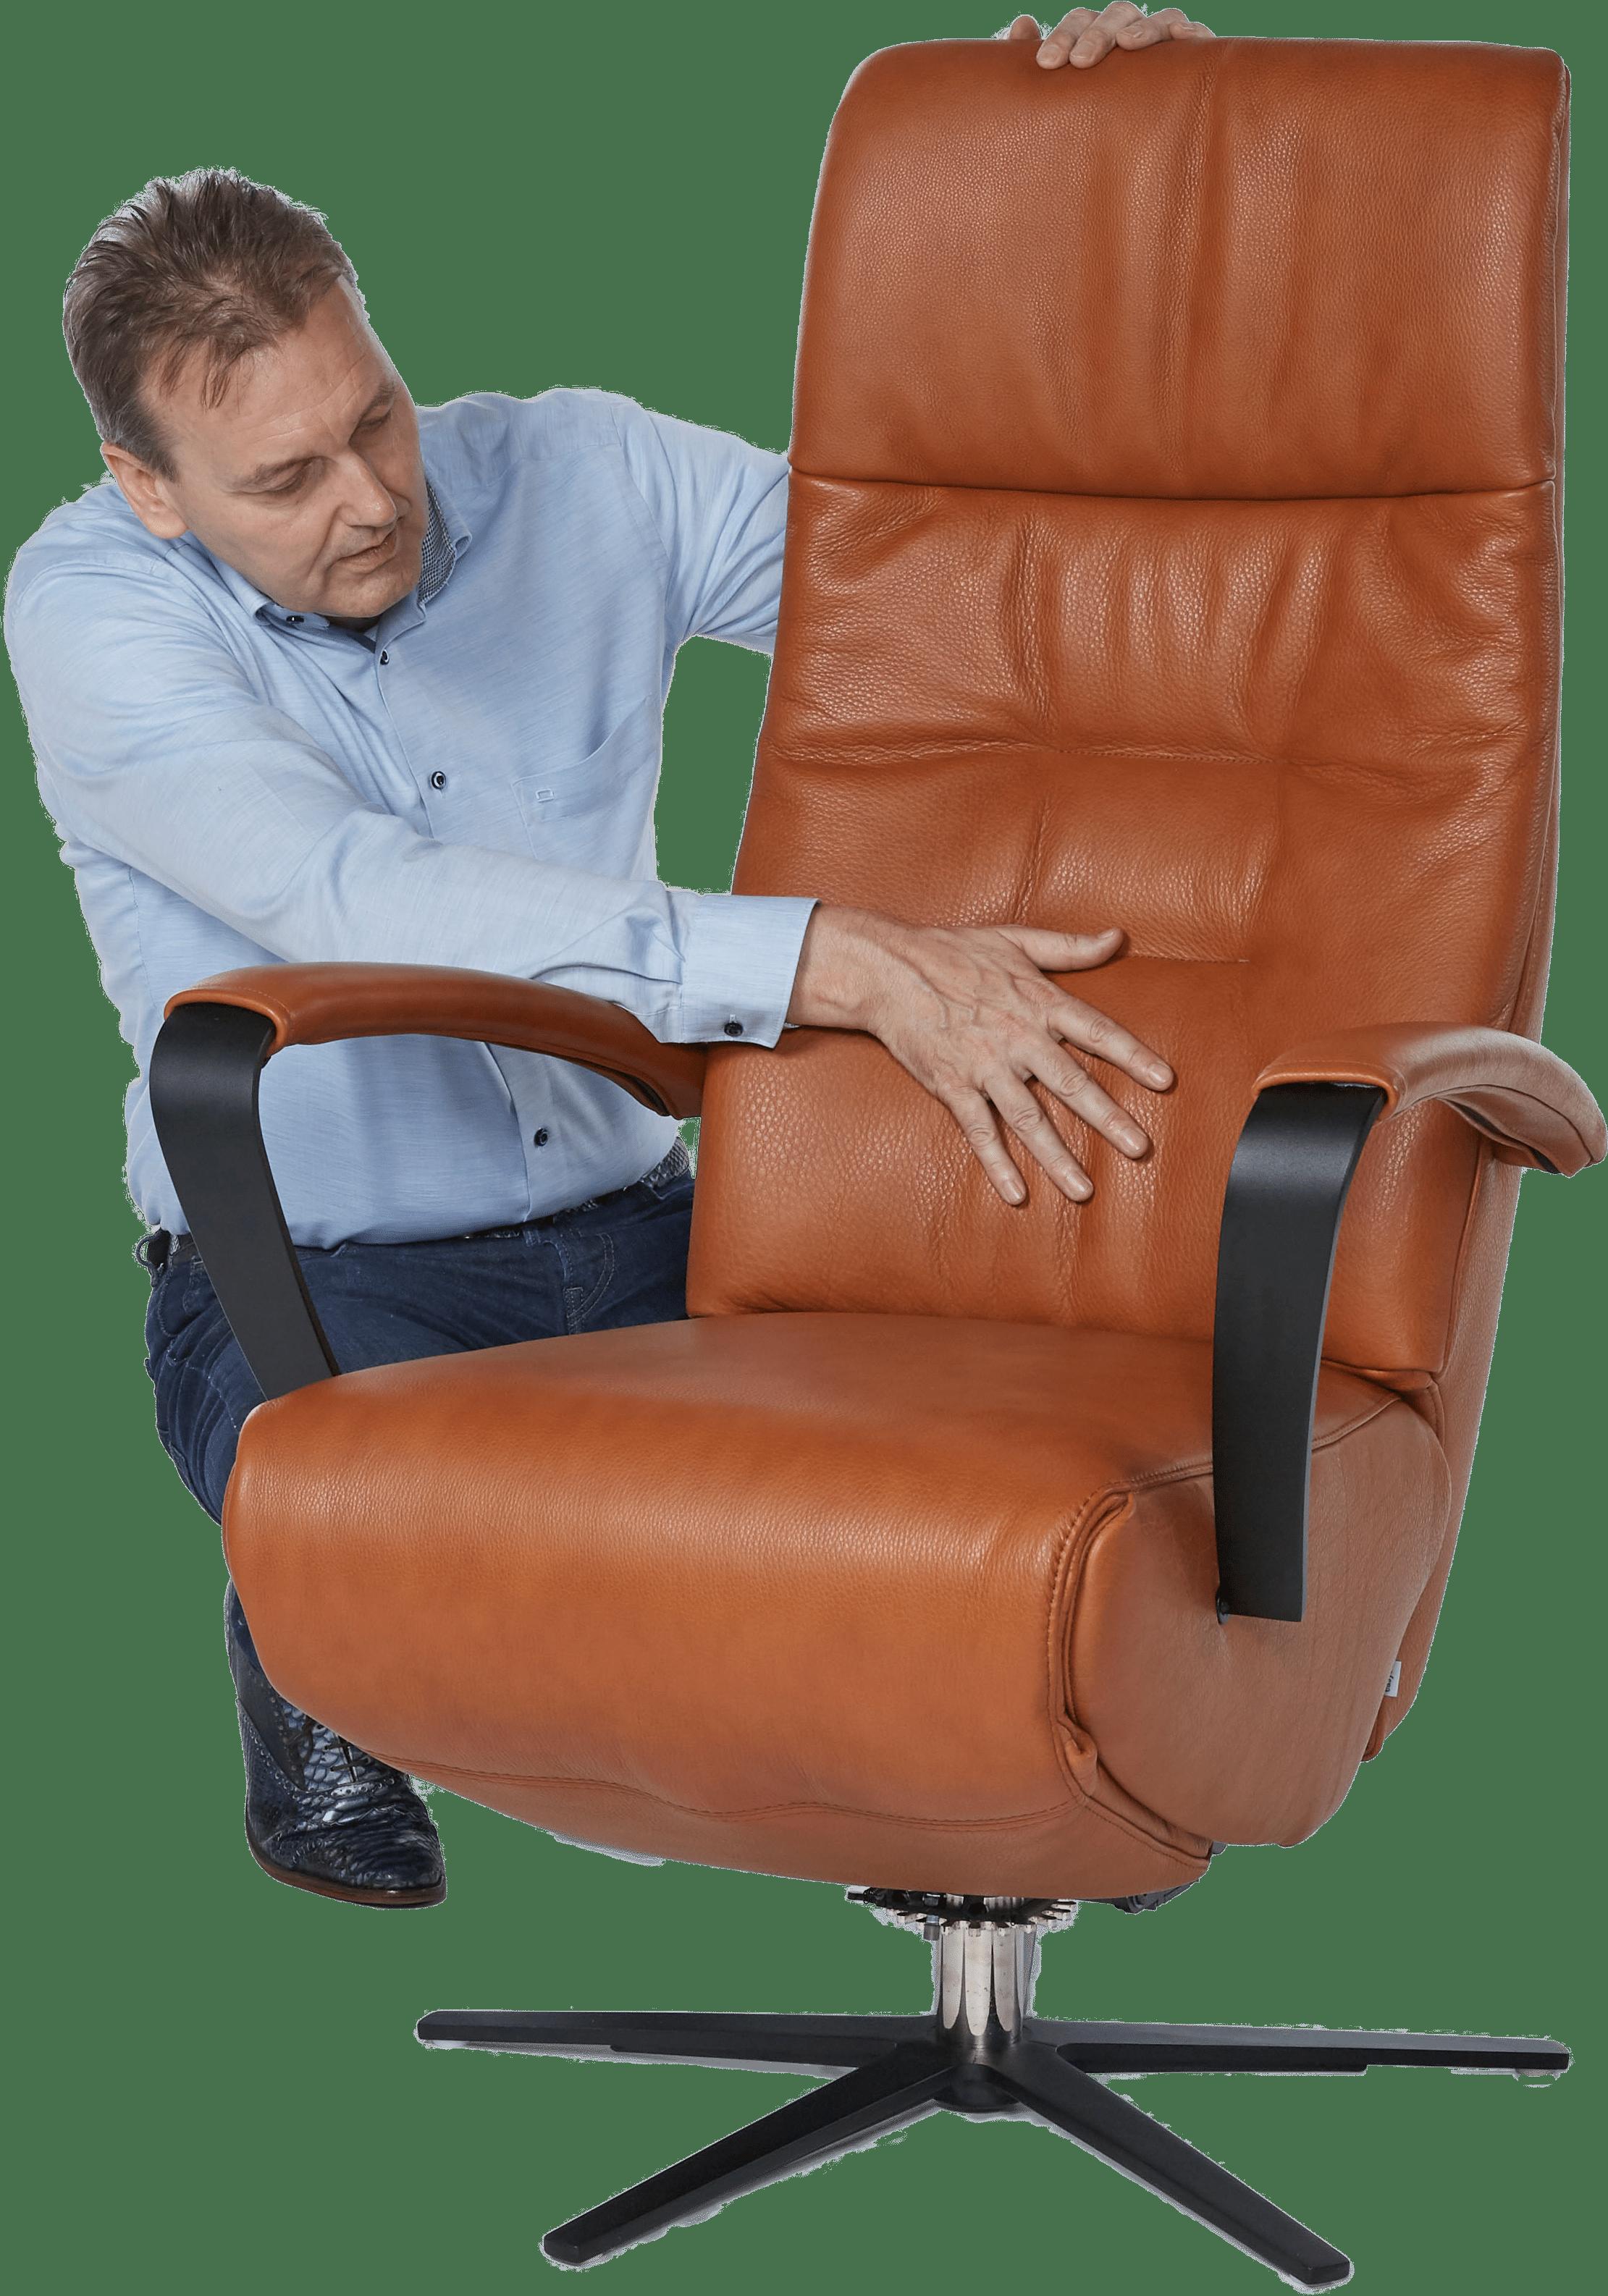 Moeite met opstaan? Kies een goede sta-opstoel!